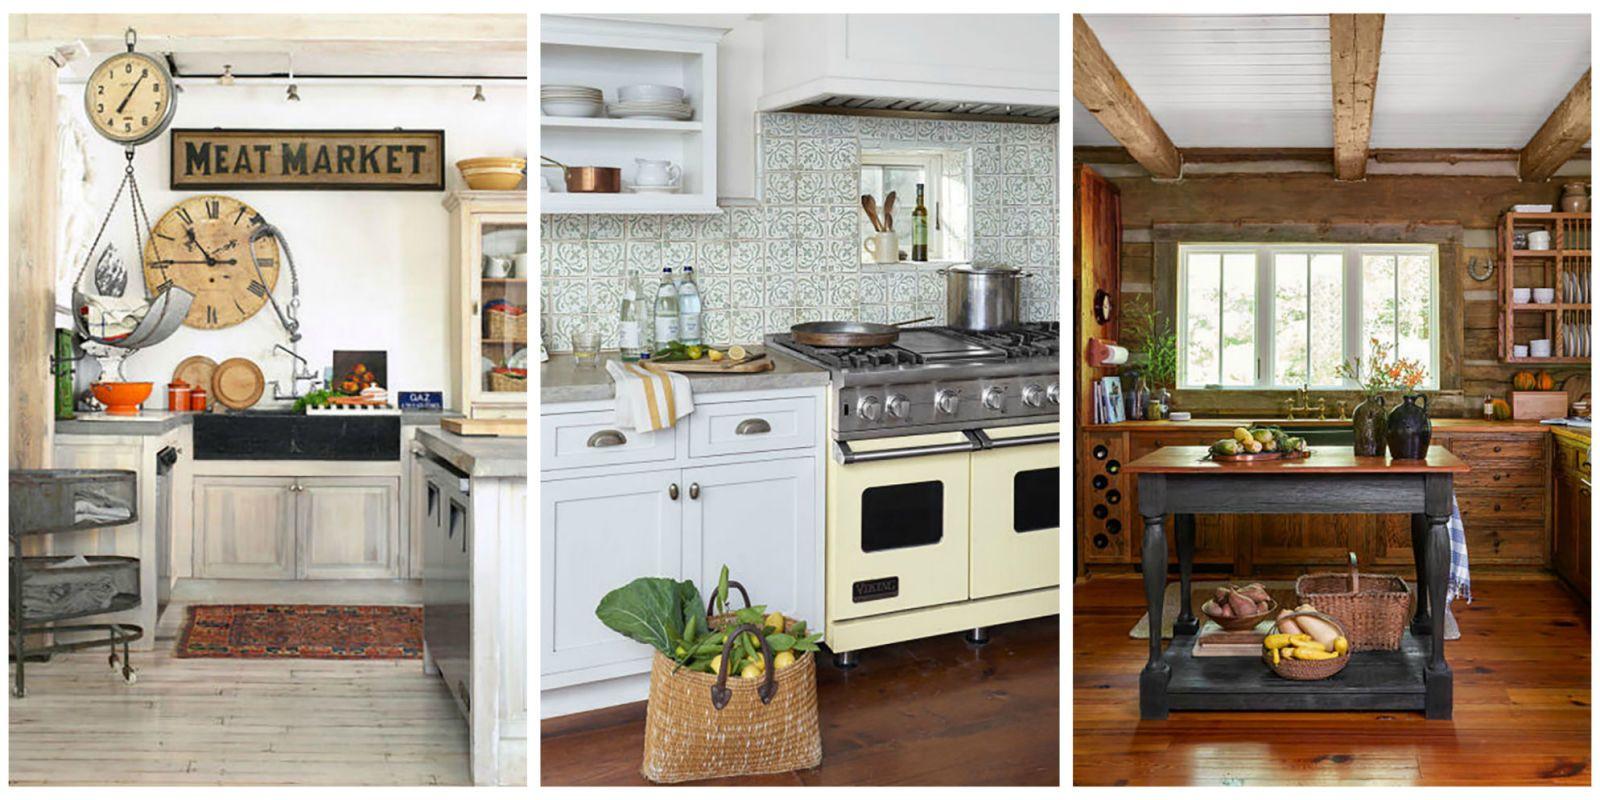 Farm style kitchen decor